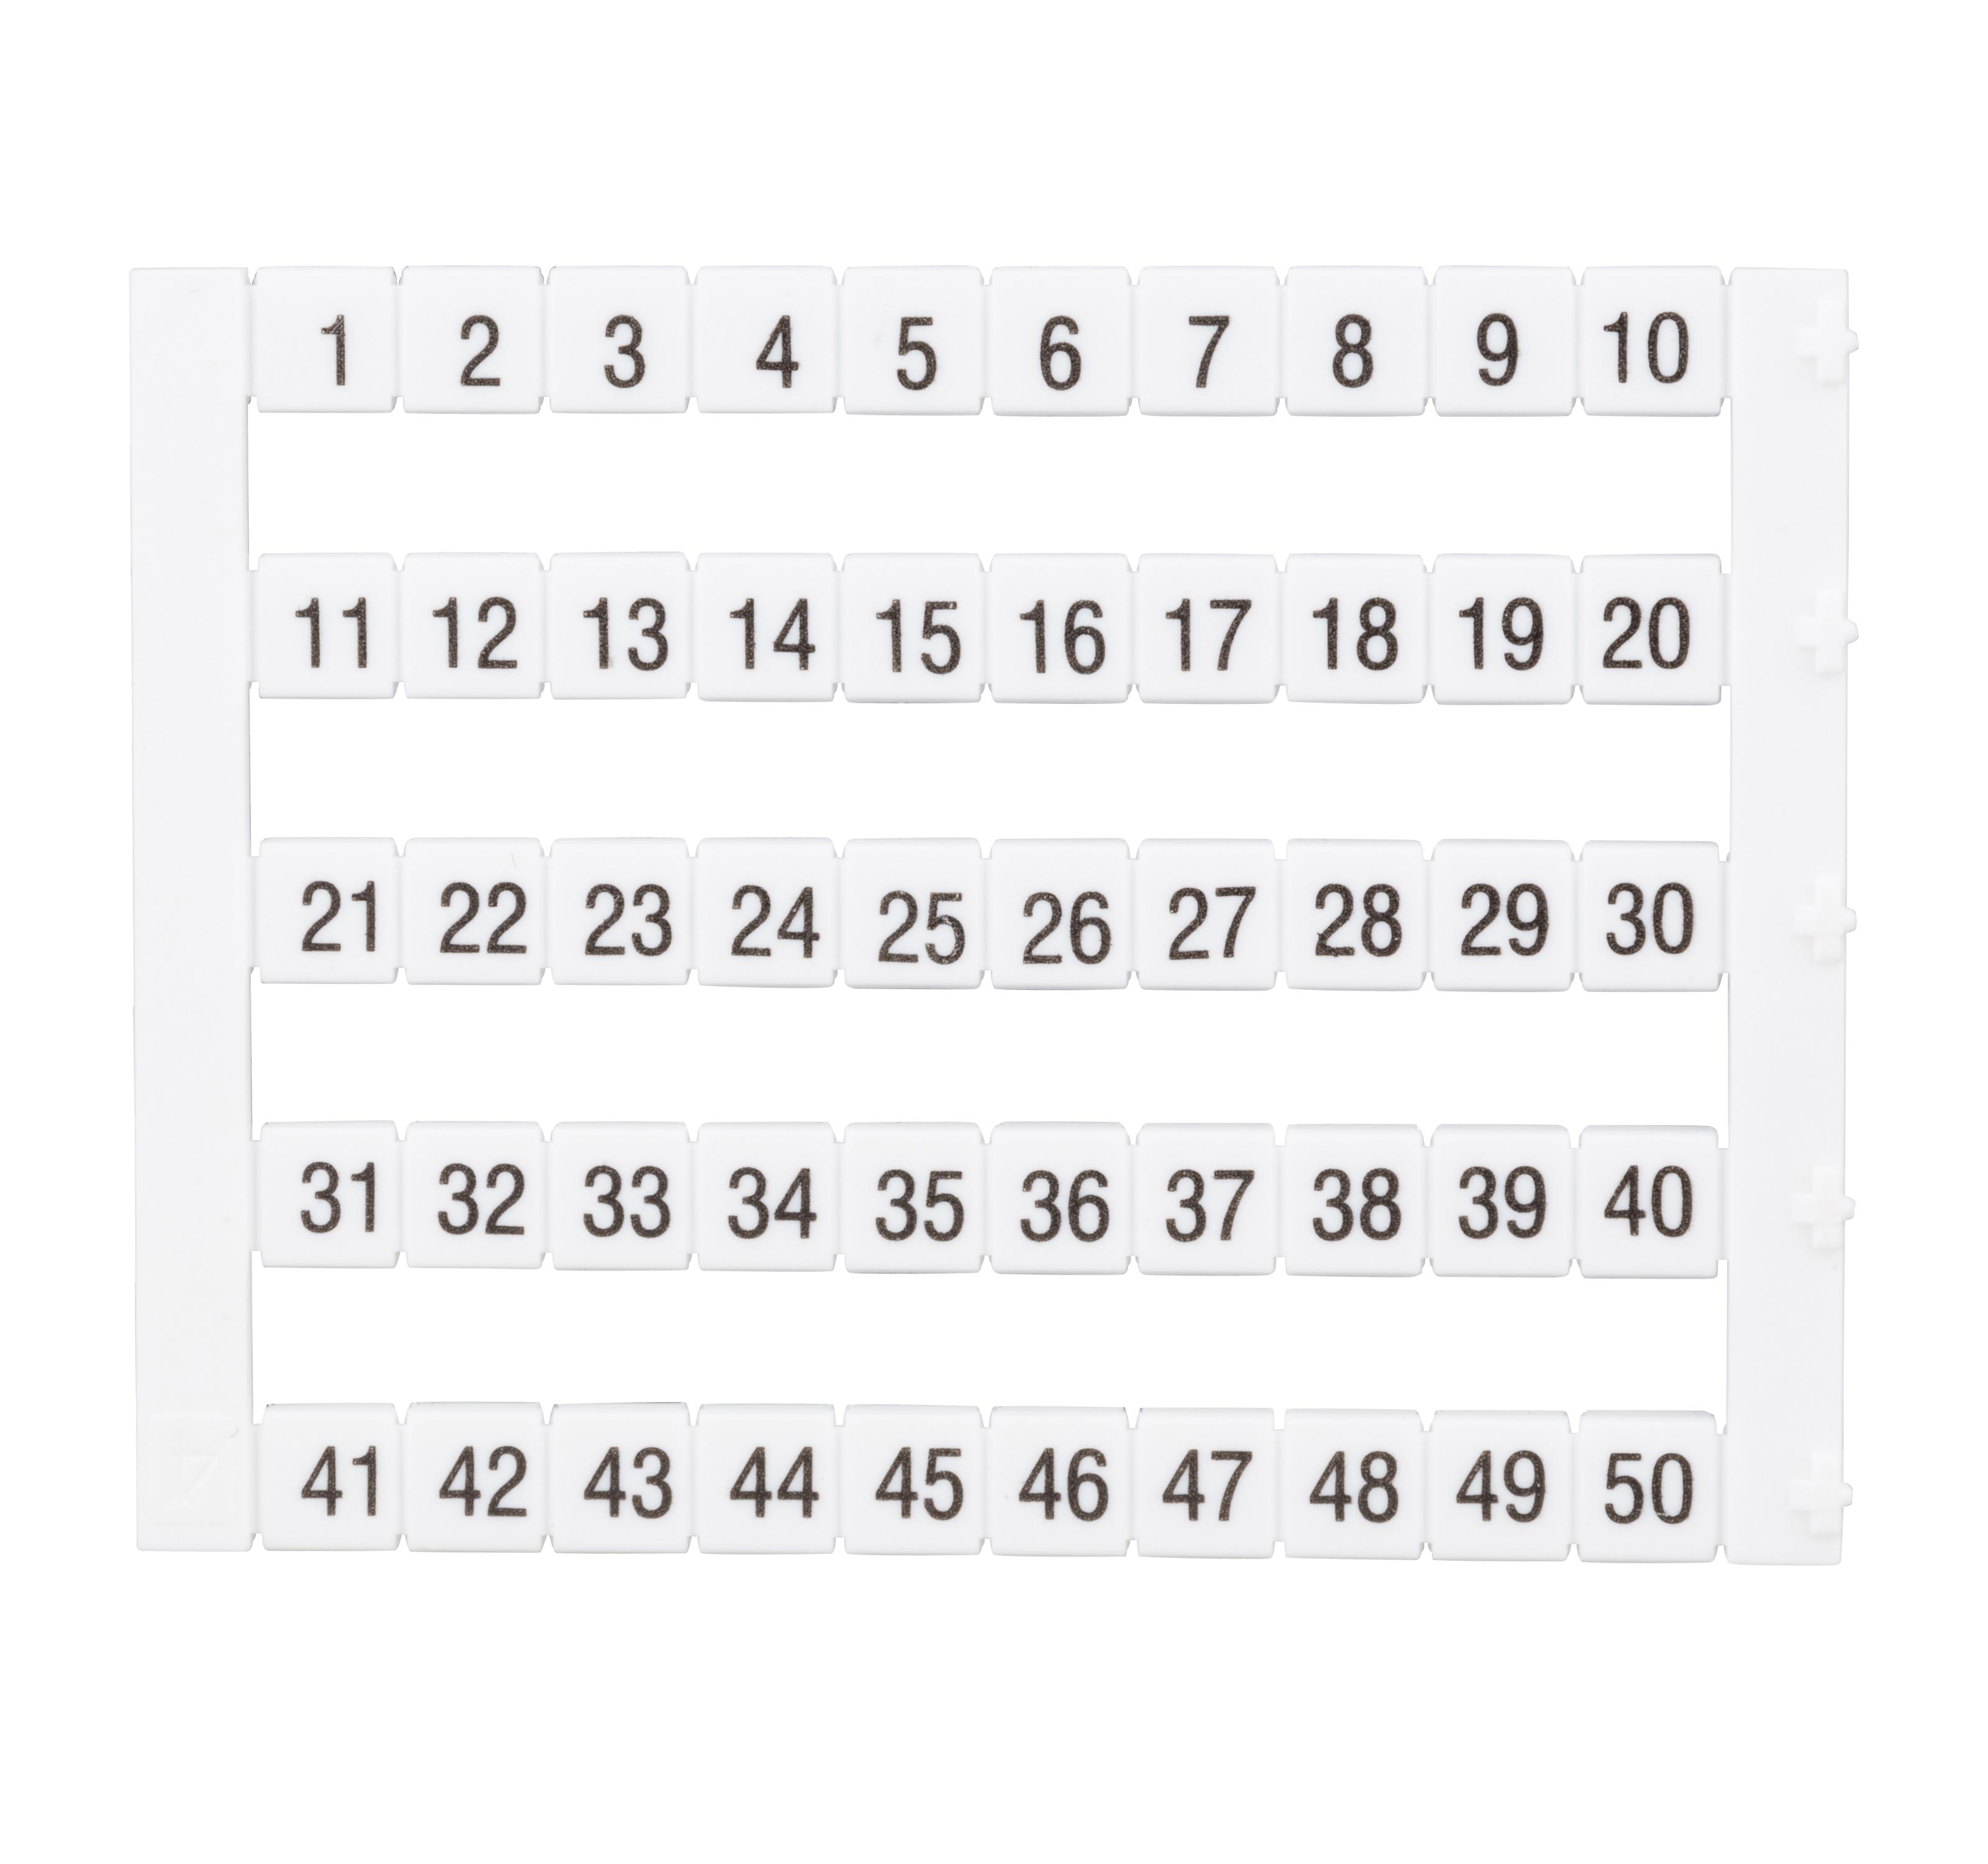 1 Stk Markierungsetiketten DY 5 bedruckt von 1-50 (1-mal) IK697040--